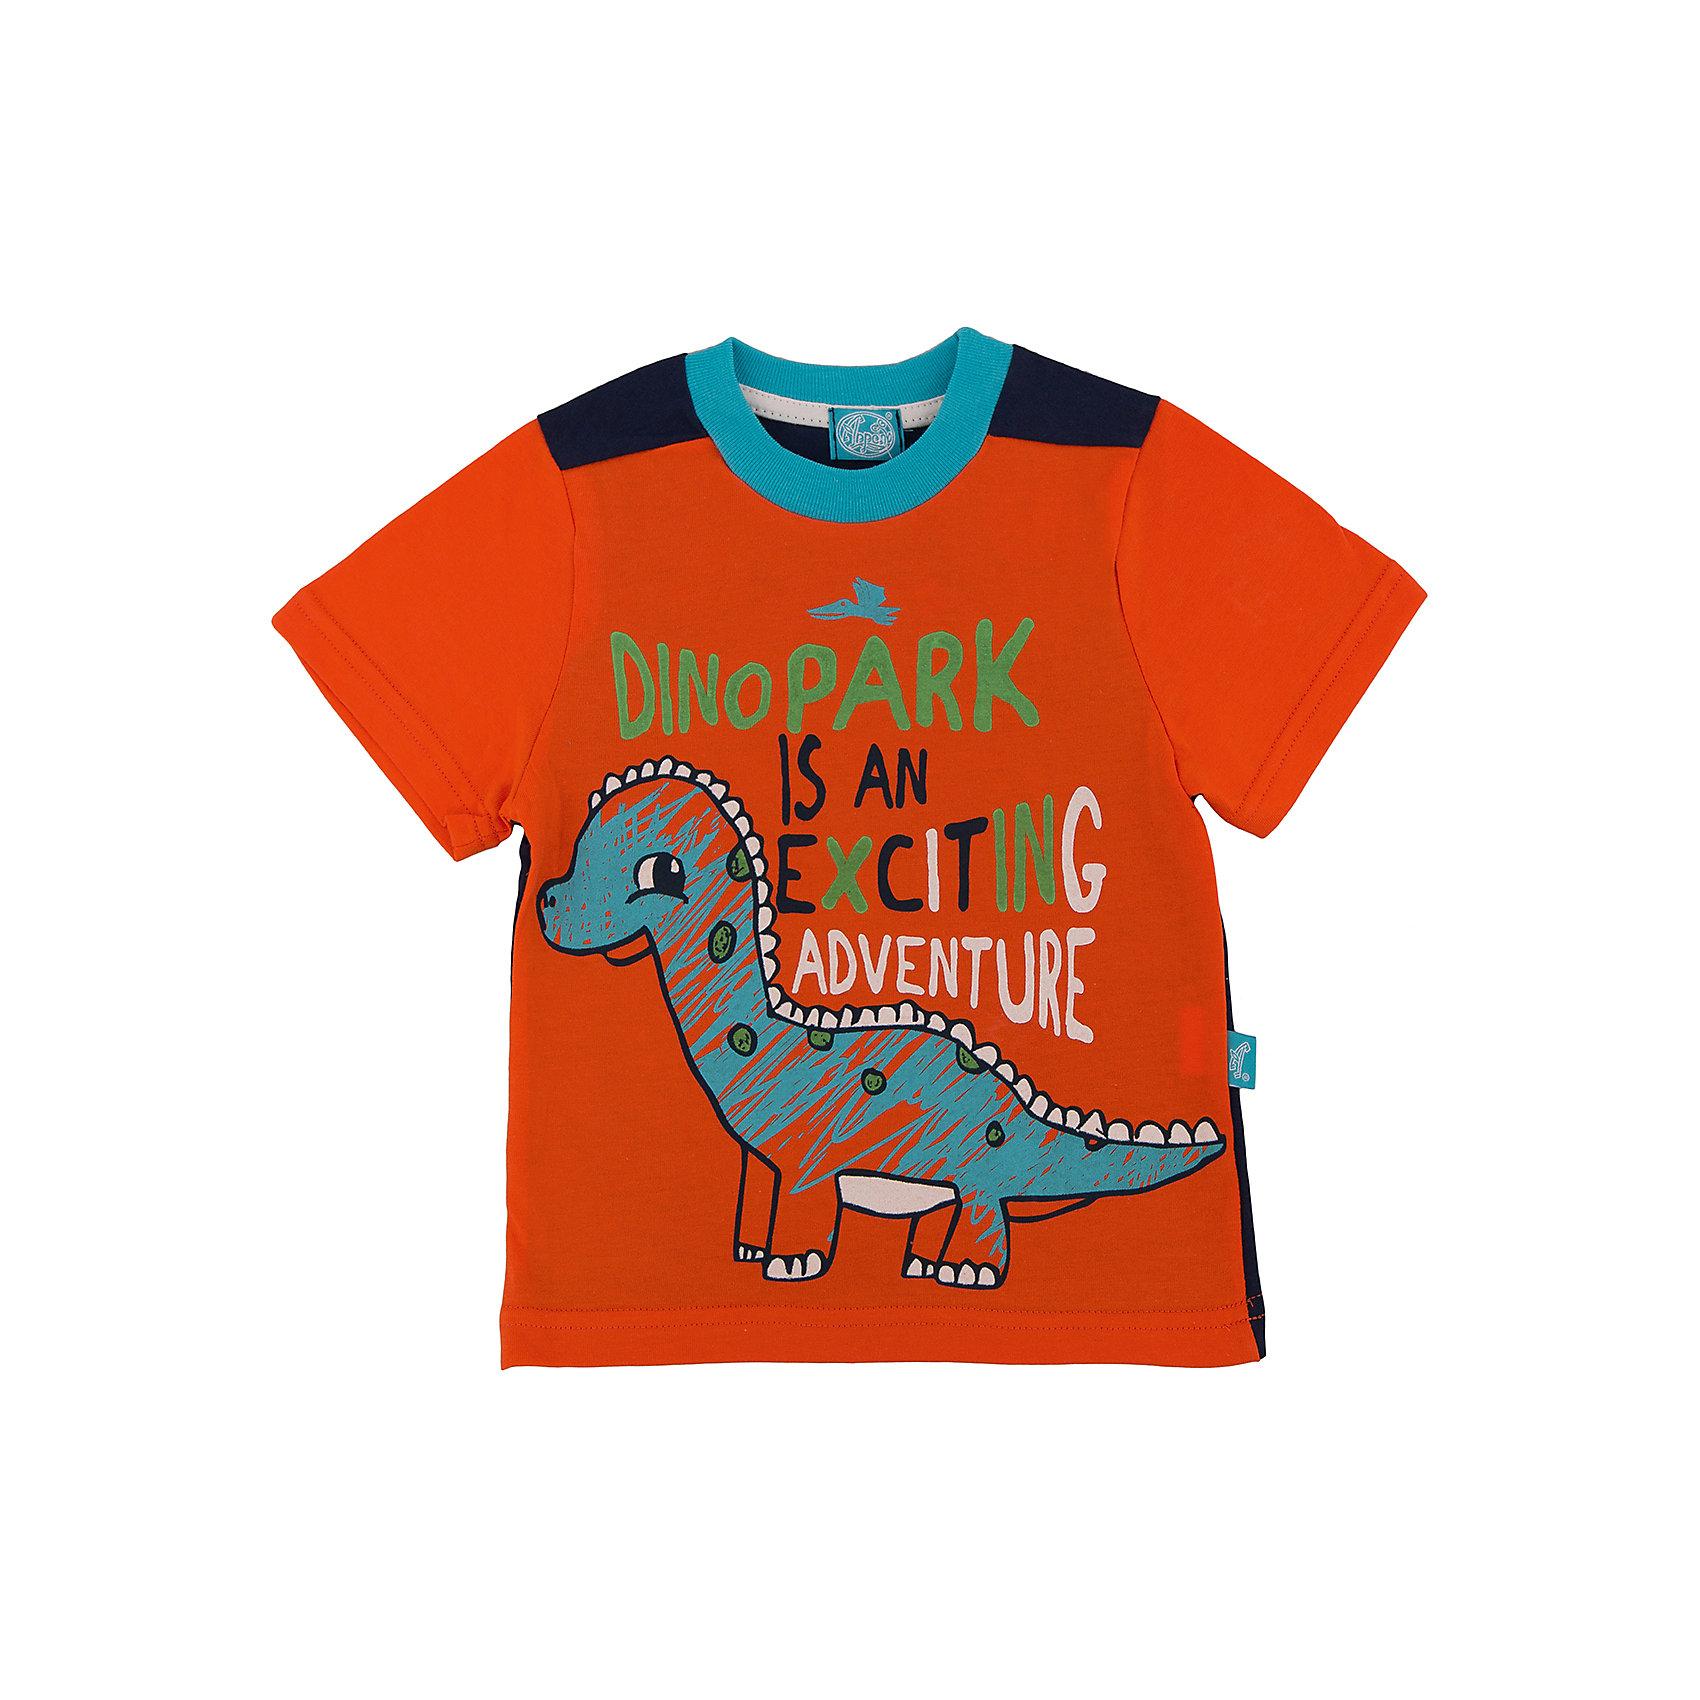 Футболка для мальчика АпрельЯркая летняя футболка от торговой марки Апрель относится к серии, посвященной динозаврам. Данная модель с округлой горловиной украшена принтом с забавным детским рисунком двух «динодрузей».  Проймы рукавов и горловина декорированы голубой тканью. В левую боковину вшит ярлык с логотипом  производителя. Майка сделана из высококачественного кулирной глади синего цвета, сотканной из натурального хлопка. Ткань не растягивается, не выцветает и не вызывает аллергии. Воротник изнутри обработан киперной лентой, чтобы предотвратить натирание нежной детской кожи.<br><br>Дополнительная информация: <br><br>- цвет: голубой, оранжевый <br>- состав: хлопок 95%,лайкра 5%<br>- фактура материала: трикотажный<br>- тип карманов: без карманов<br>- по назначению: повседневный стиль<br>- сезон: лето<br>- пол: мальчики<br>- фирма-производитель: Апрель<br>- страна производитель: Россия<br>- комплектация: футболка<br>- колекция: Дино<br><br>Футболку колекции Дино от торговой марки Апрель можно купить в нашем интернет-магазине.<br><br>Ширина мм: 190<br>Глубина мм: 74<br>Высота мм: 229<br>Вес г: 236<br>Цвет: оранжевый<br>Возраст от месяцев: 12<br>Возраст до месяцев: 18<br>Пол: Мужской<br>Возраст: Детский<br>Размер: 86,110,92,104,98<br>SKU: 4630849